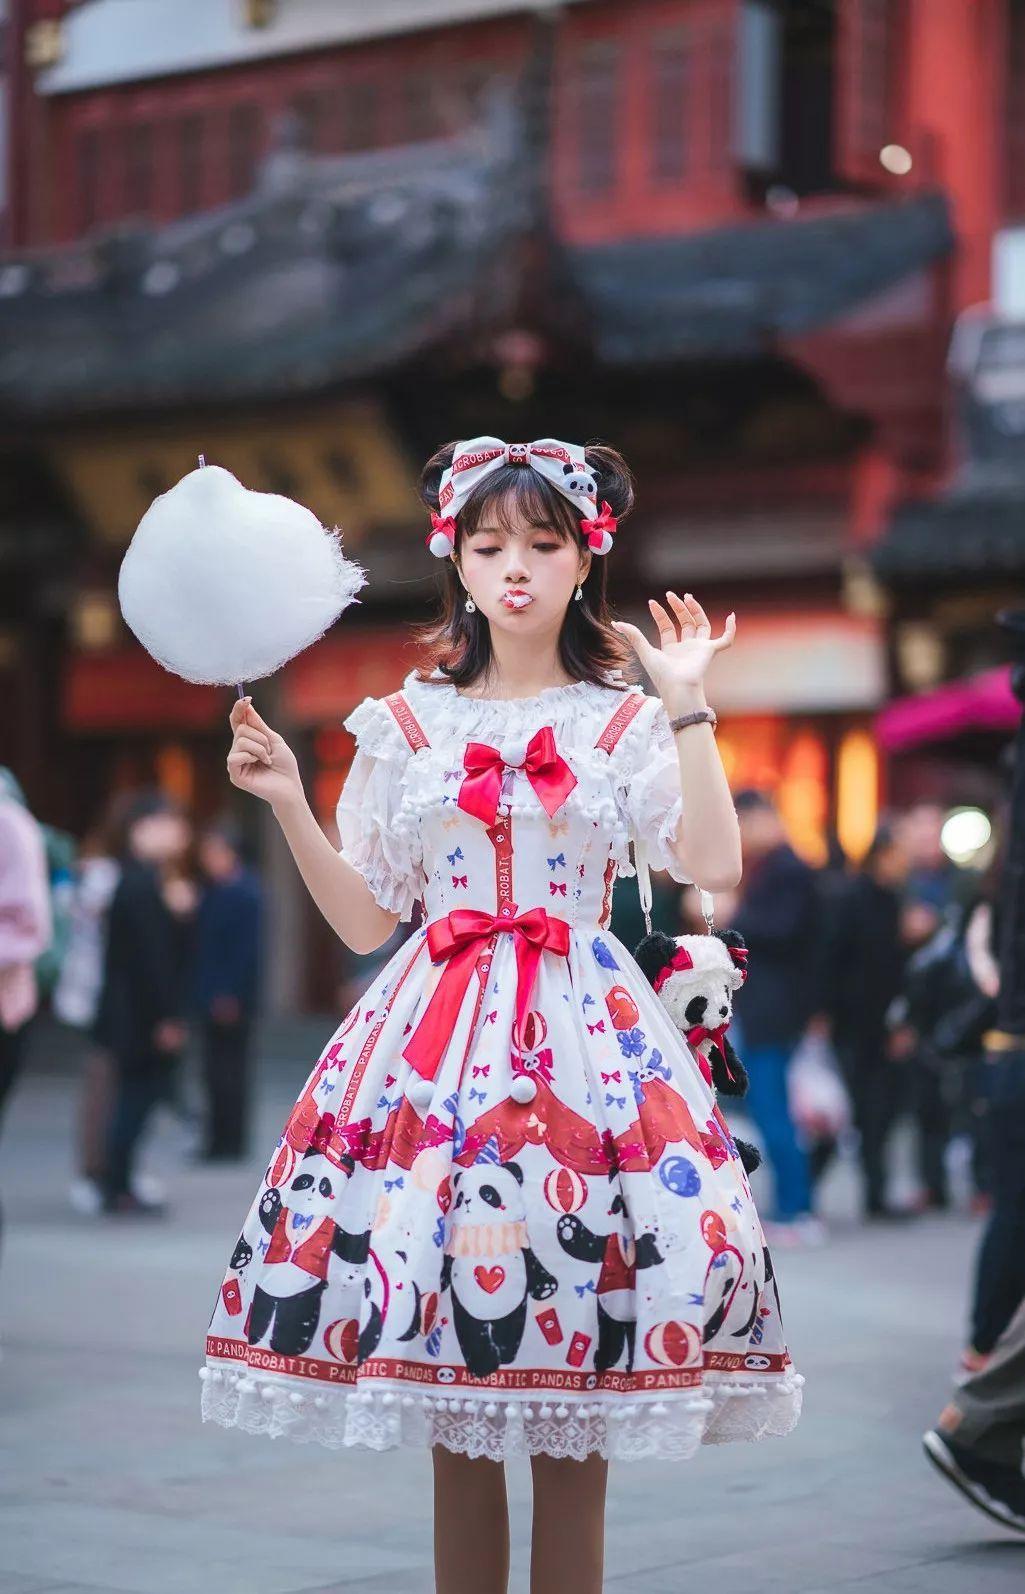 妹子摄影 – 鬼马精灵Lolita女孩@-谢安然-外出旅拍_图片 No.4